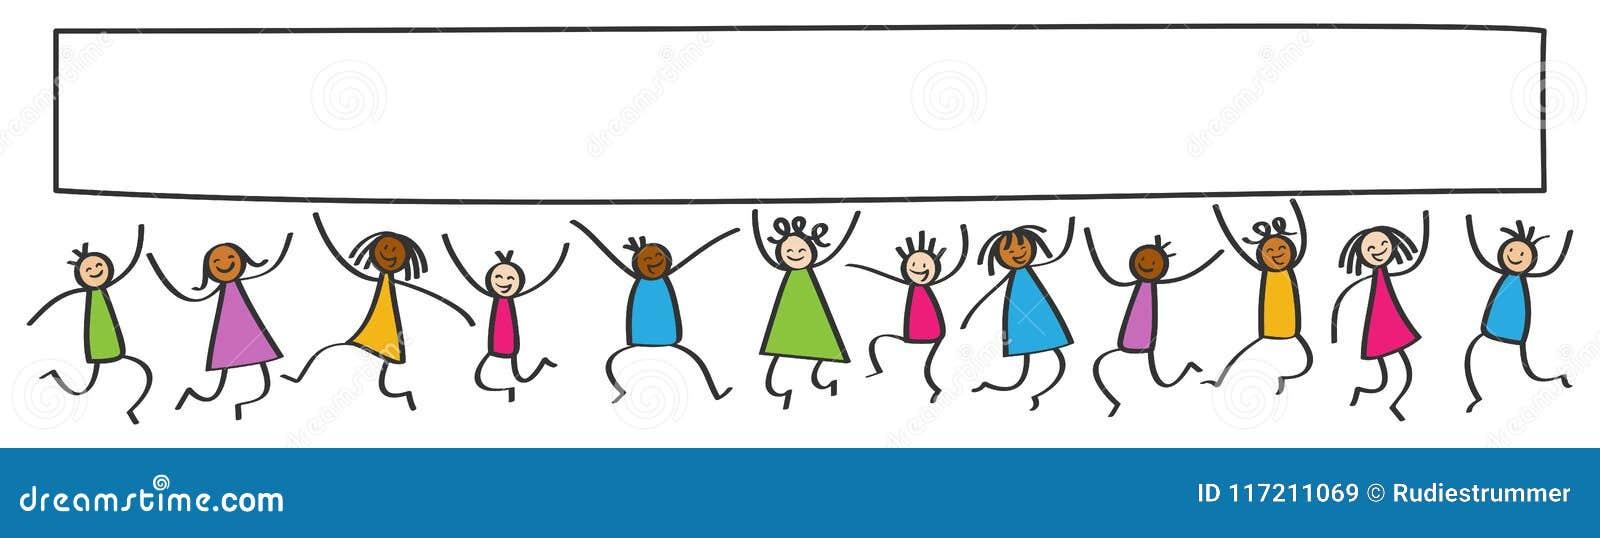 Einfacher Stock stellt Fahne dar, die glücklichen multikulturellen springenden Kinder, weißes Plakatbrett des freien Raumes